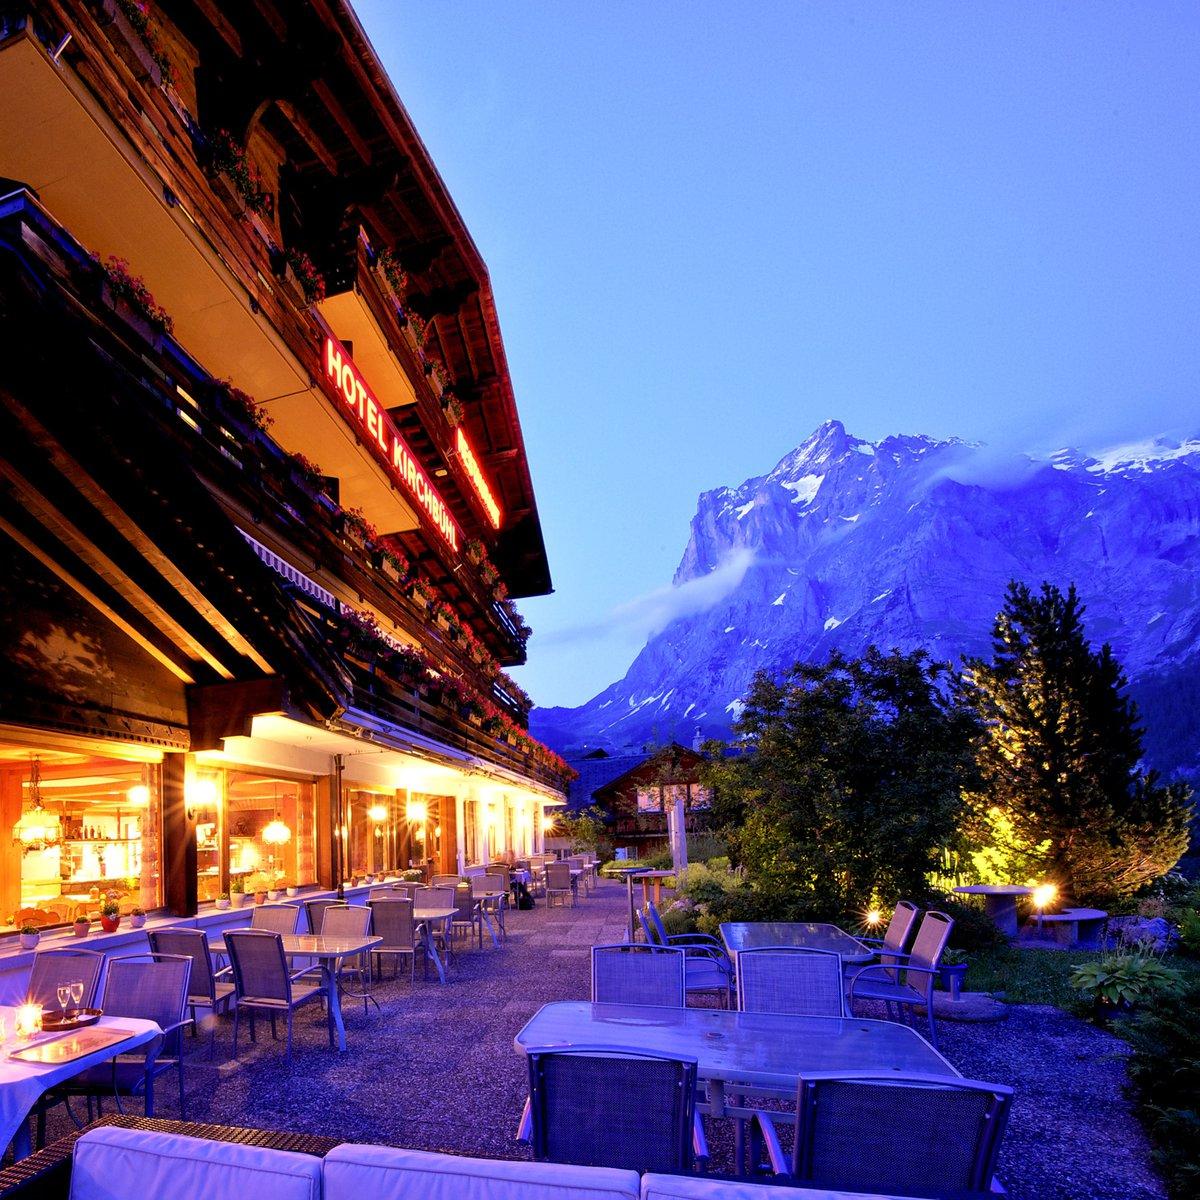 Hotelansicht Sommerabend